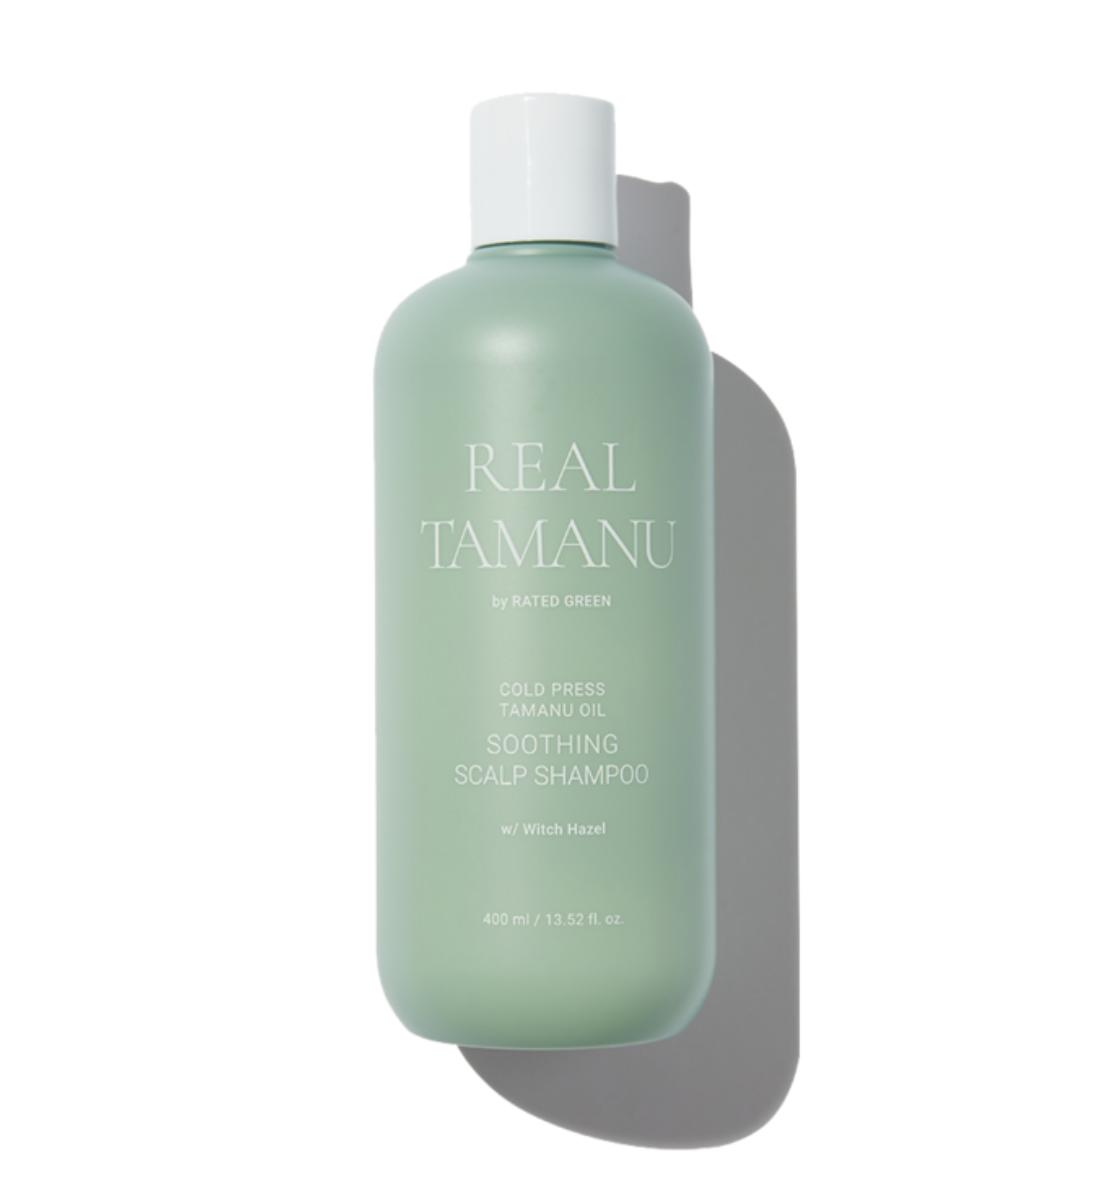 Шампунь Rated Green Real Tamanu Soothing Scalp Shampoo 400 мл